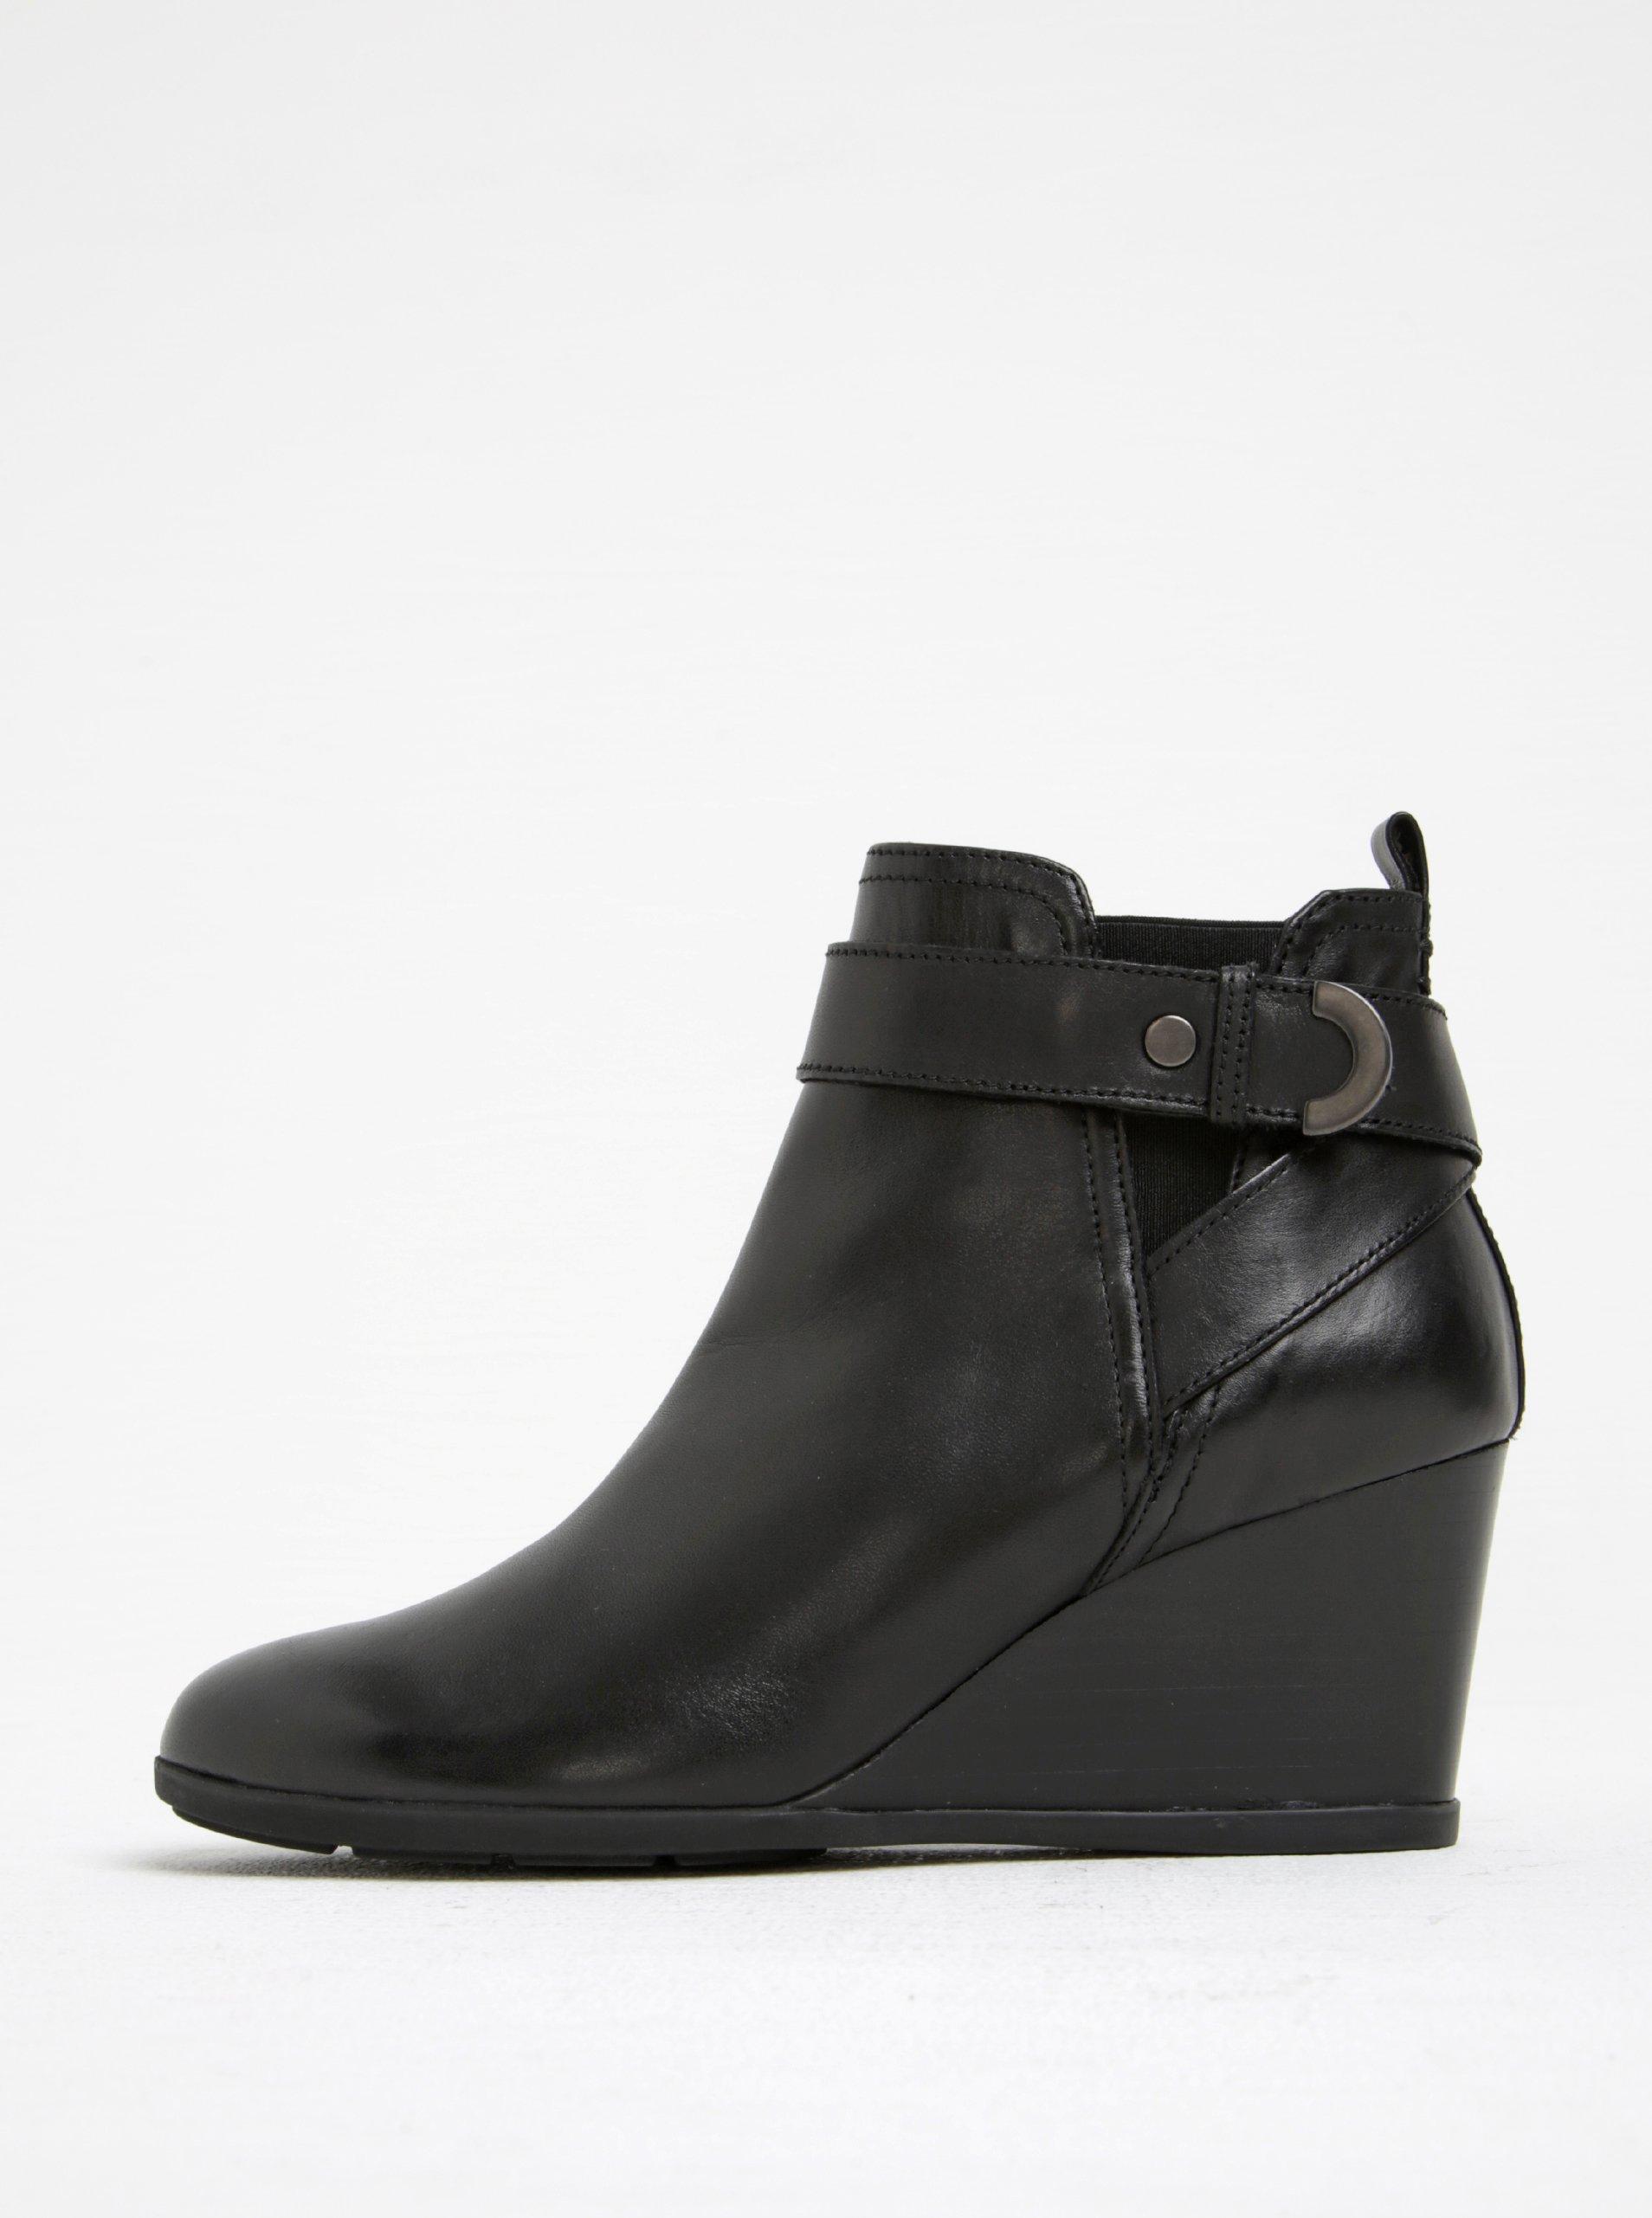 55e8e8617a63 Čierne dámske kožené topánky na klinovom podpätku Geox Inspirat D ...